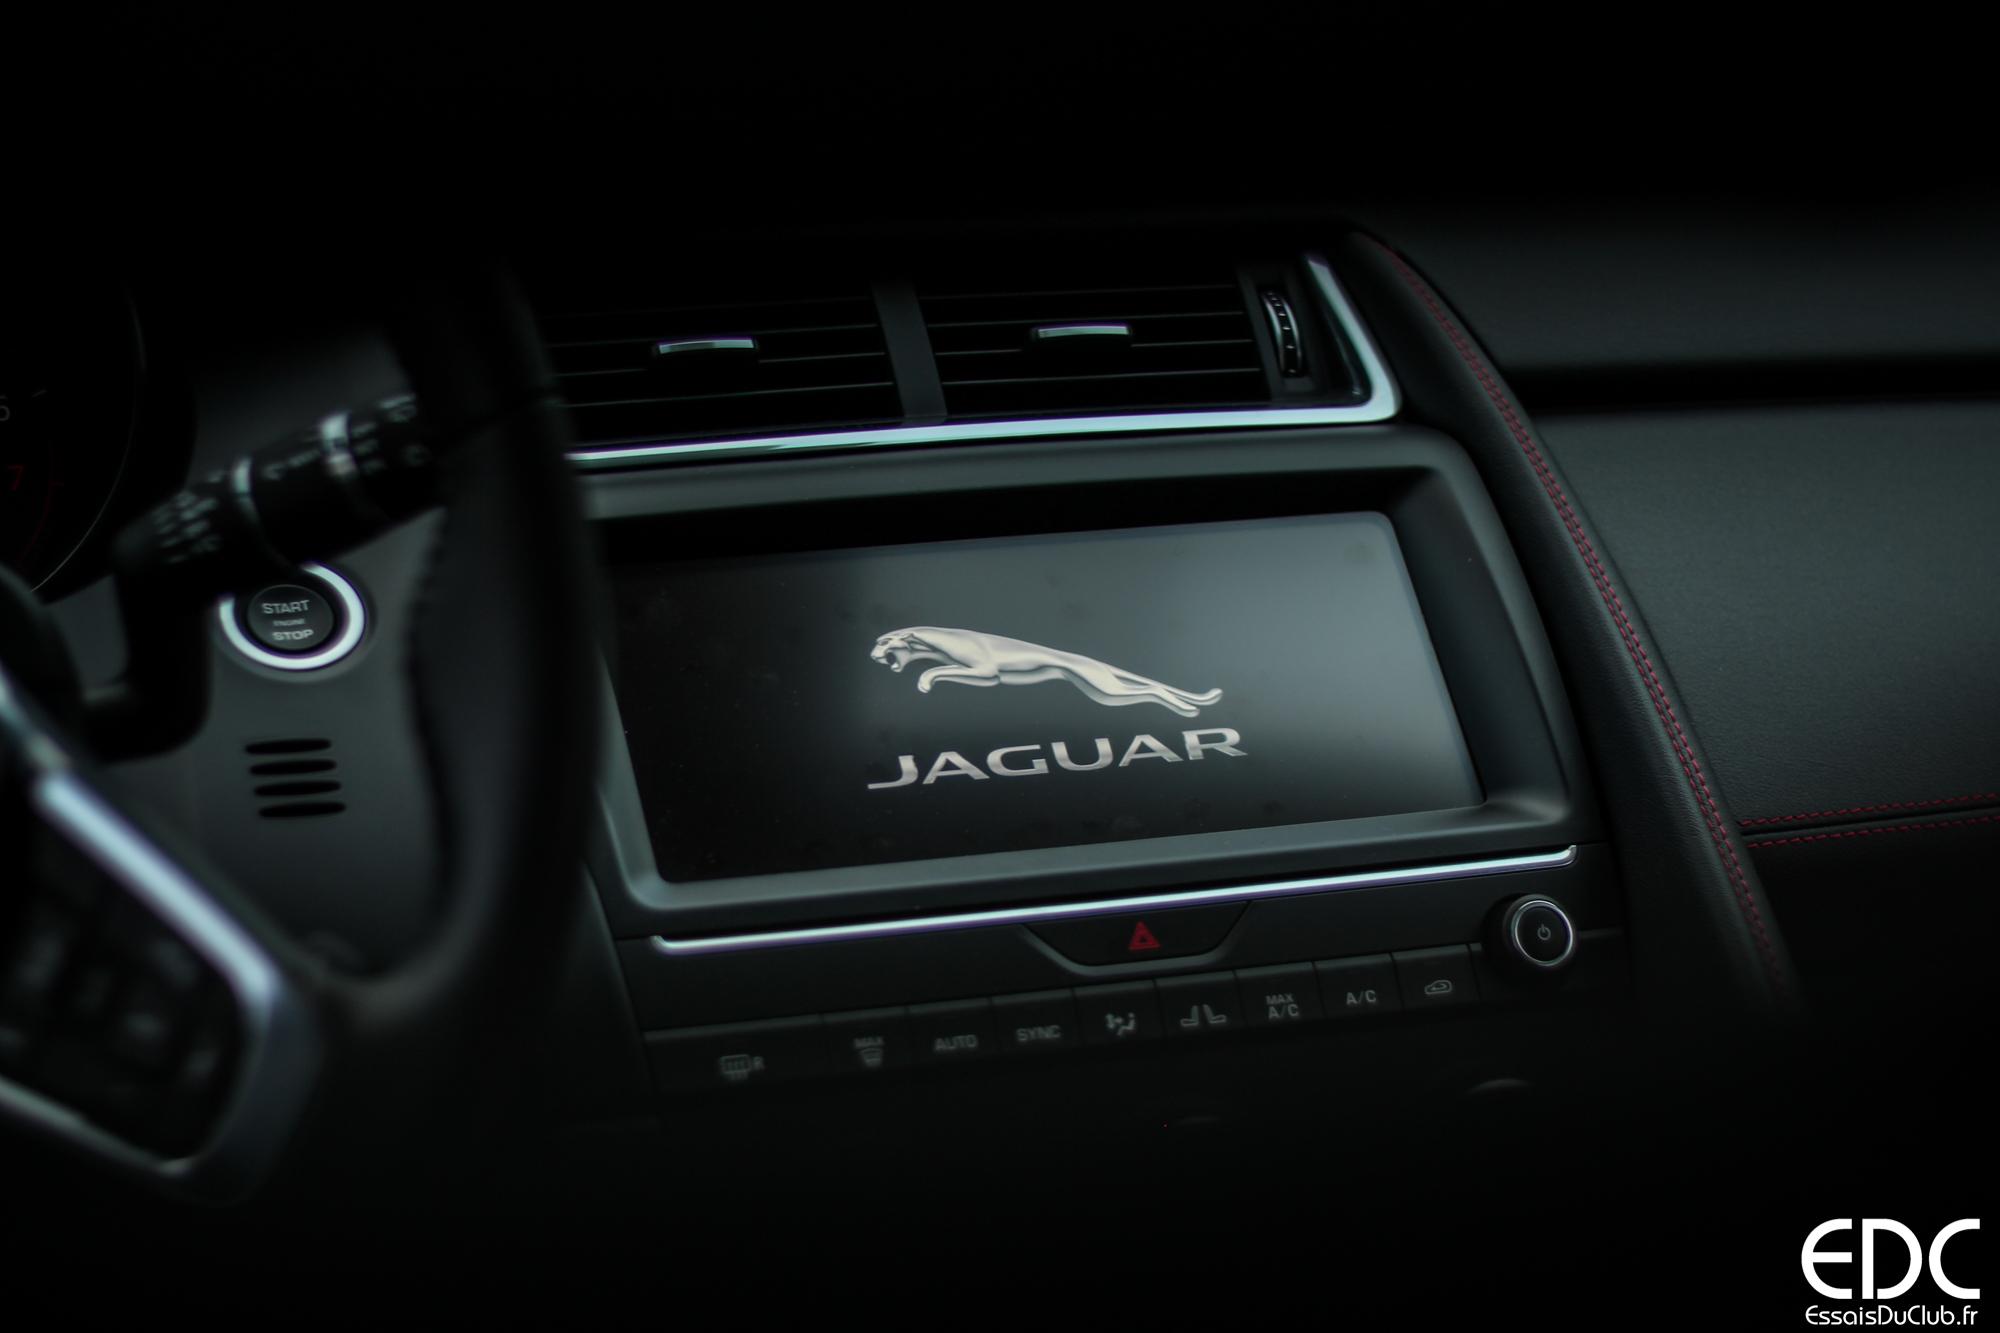 Jaguar E-PACE écran tactile